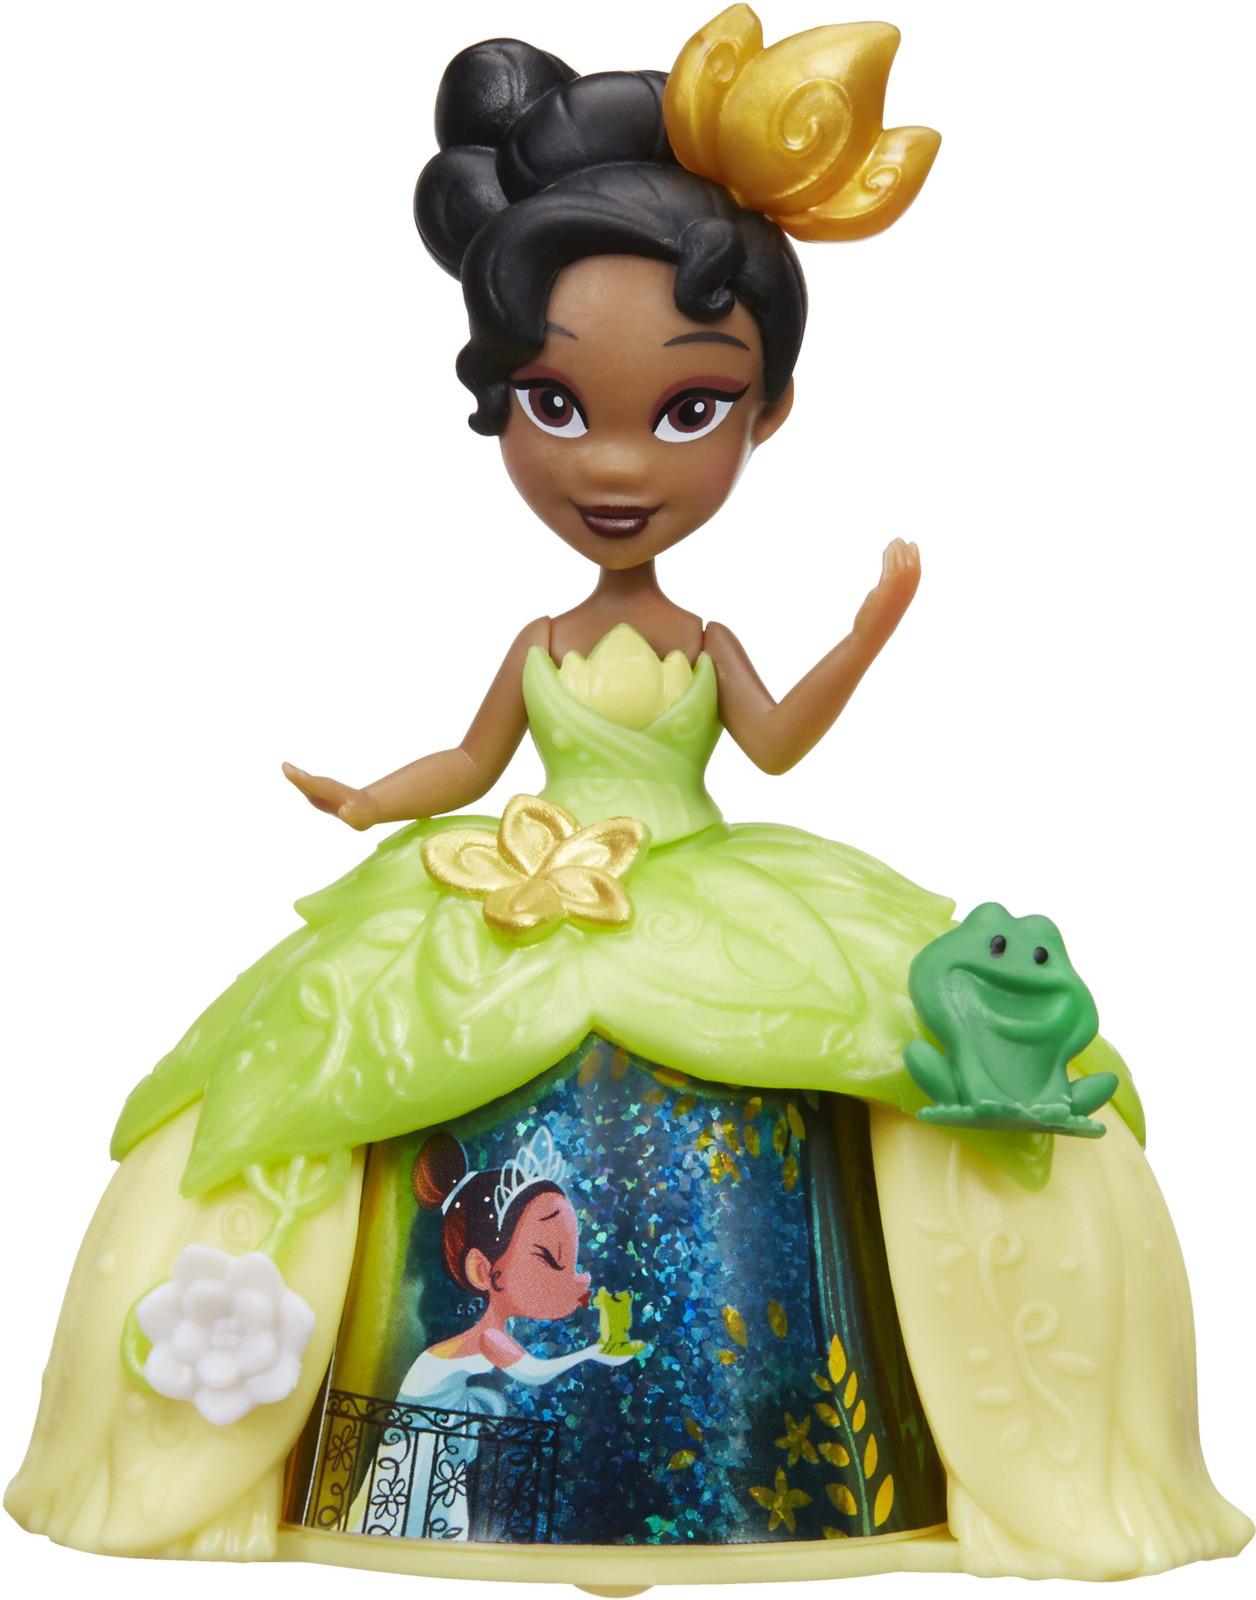 Мини-кукла в платье с волшебной юбкой Disney Princess Тиана mattel disney princess кукла принцесса золушка с развевающейся юбкой